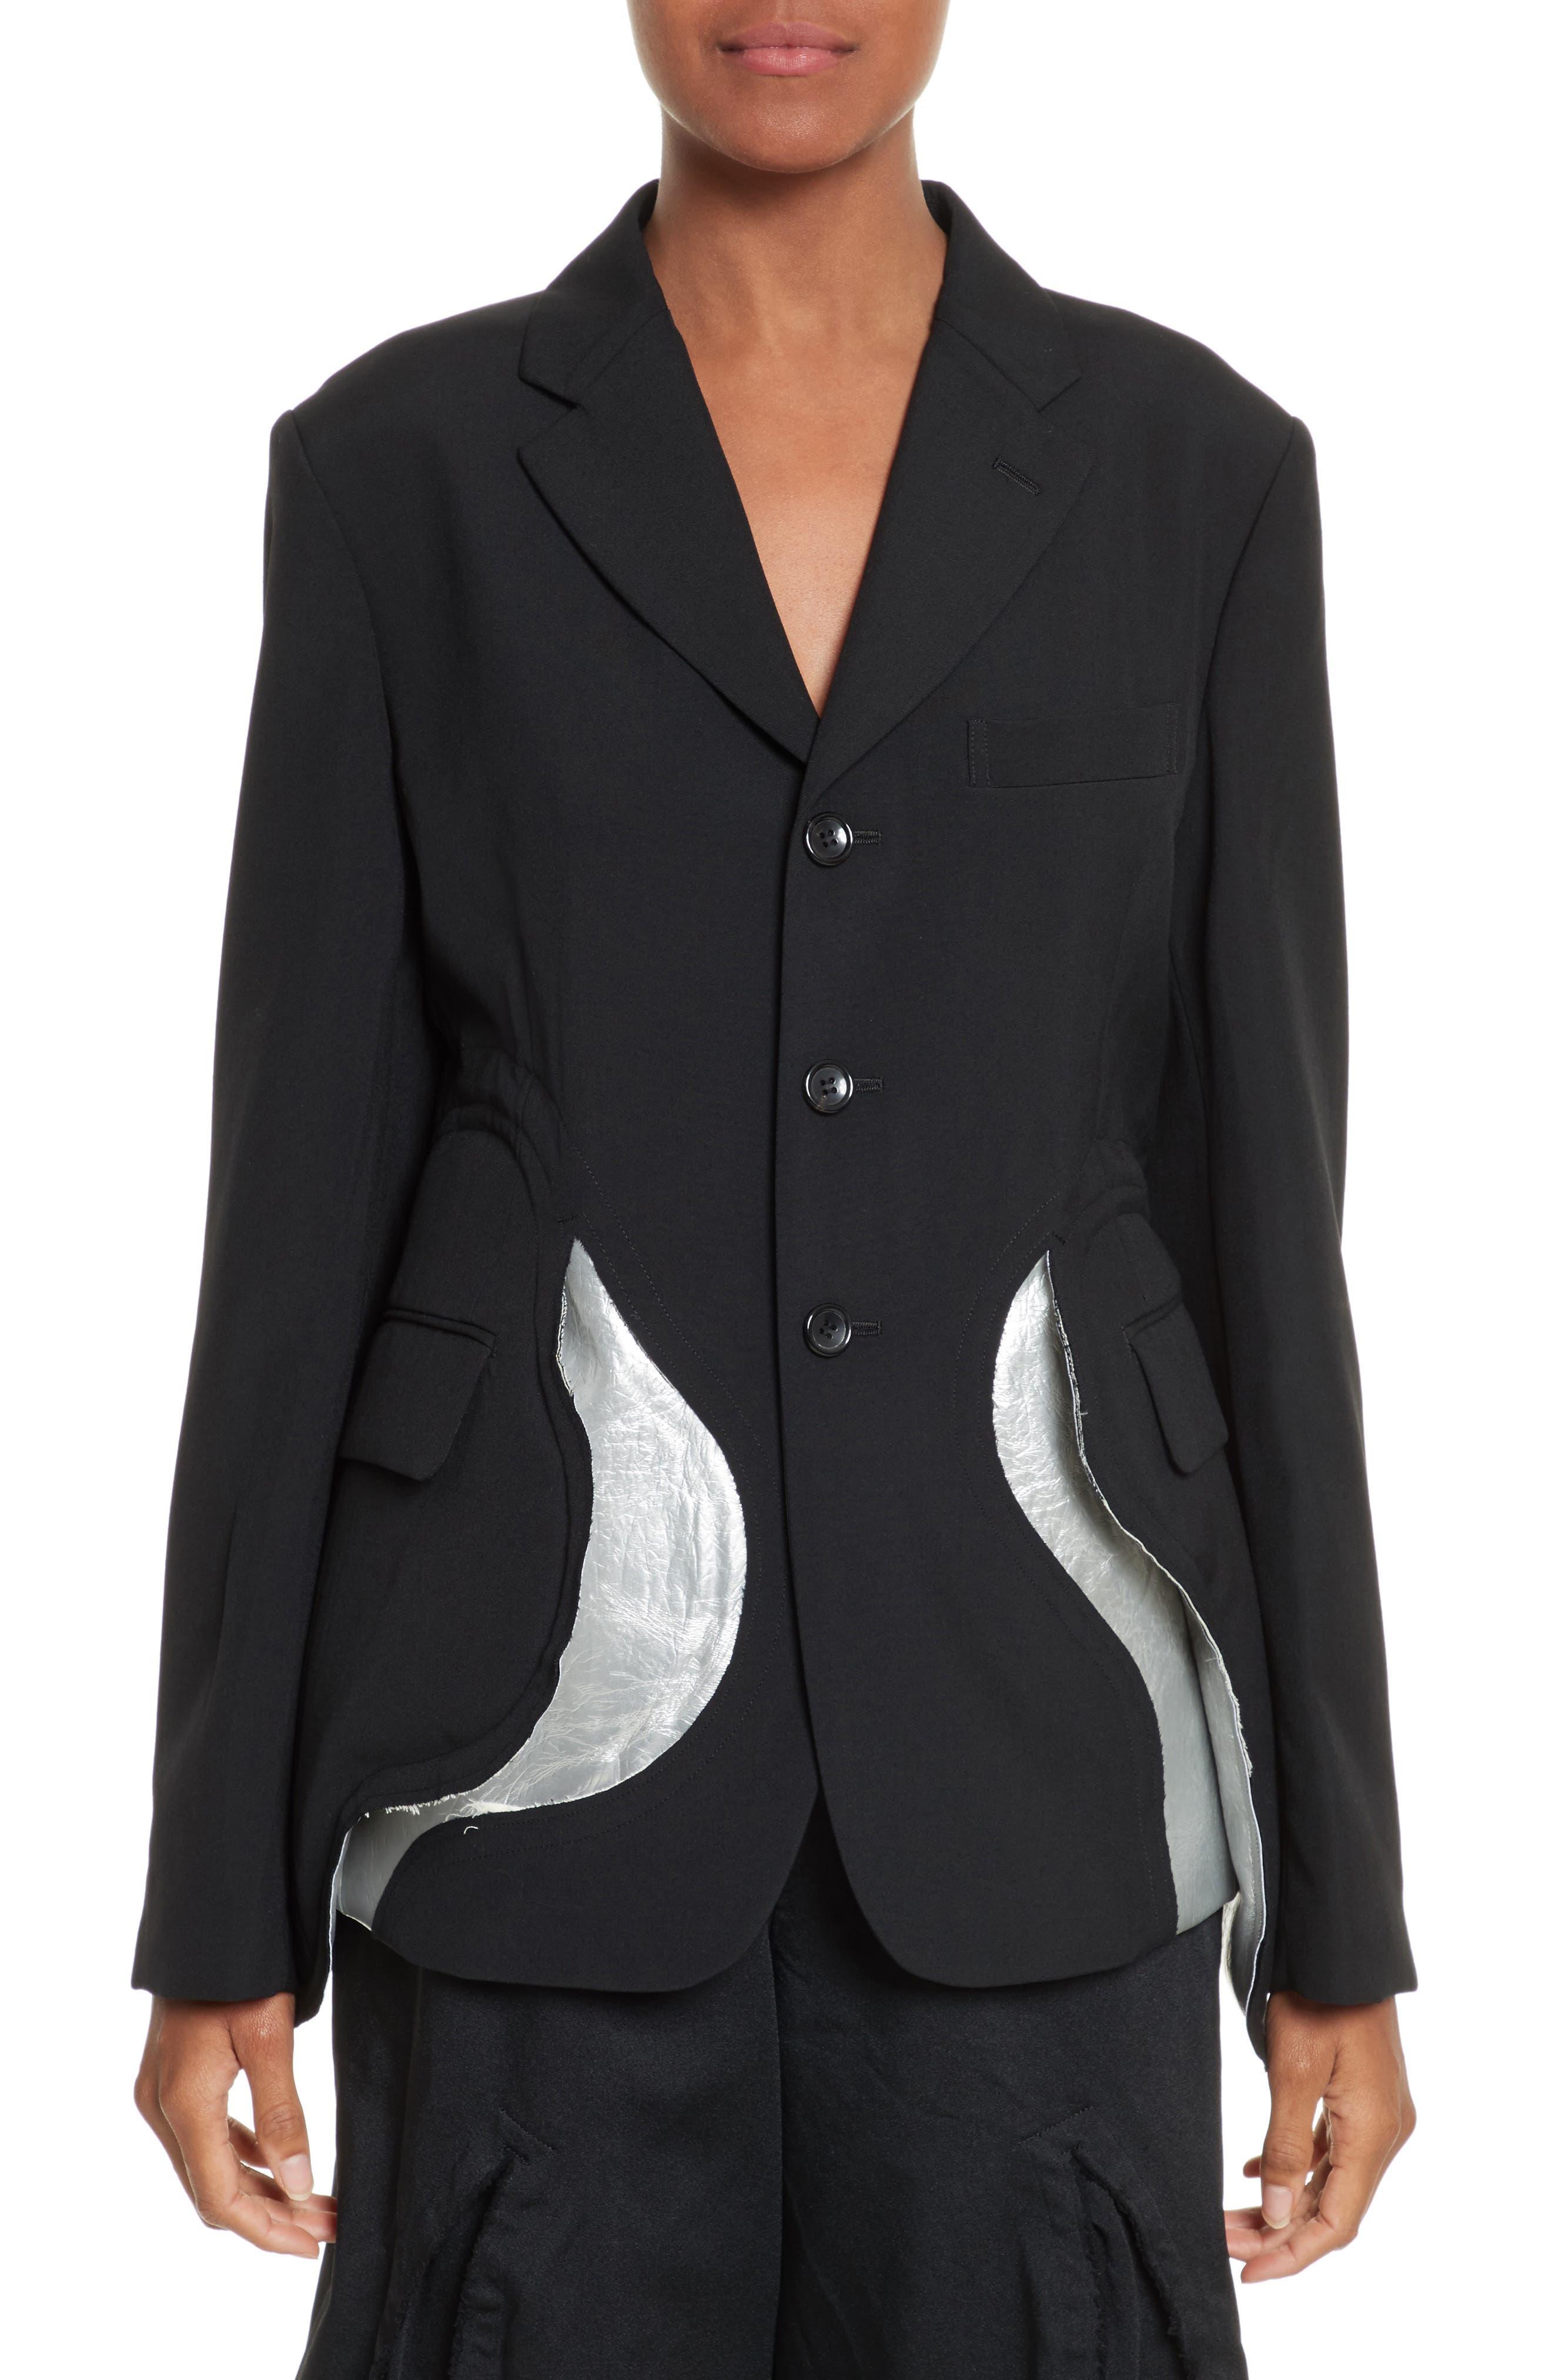 Main Image - Comme des Garçons Cotton Jacket